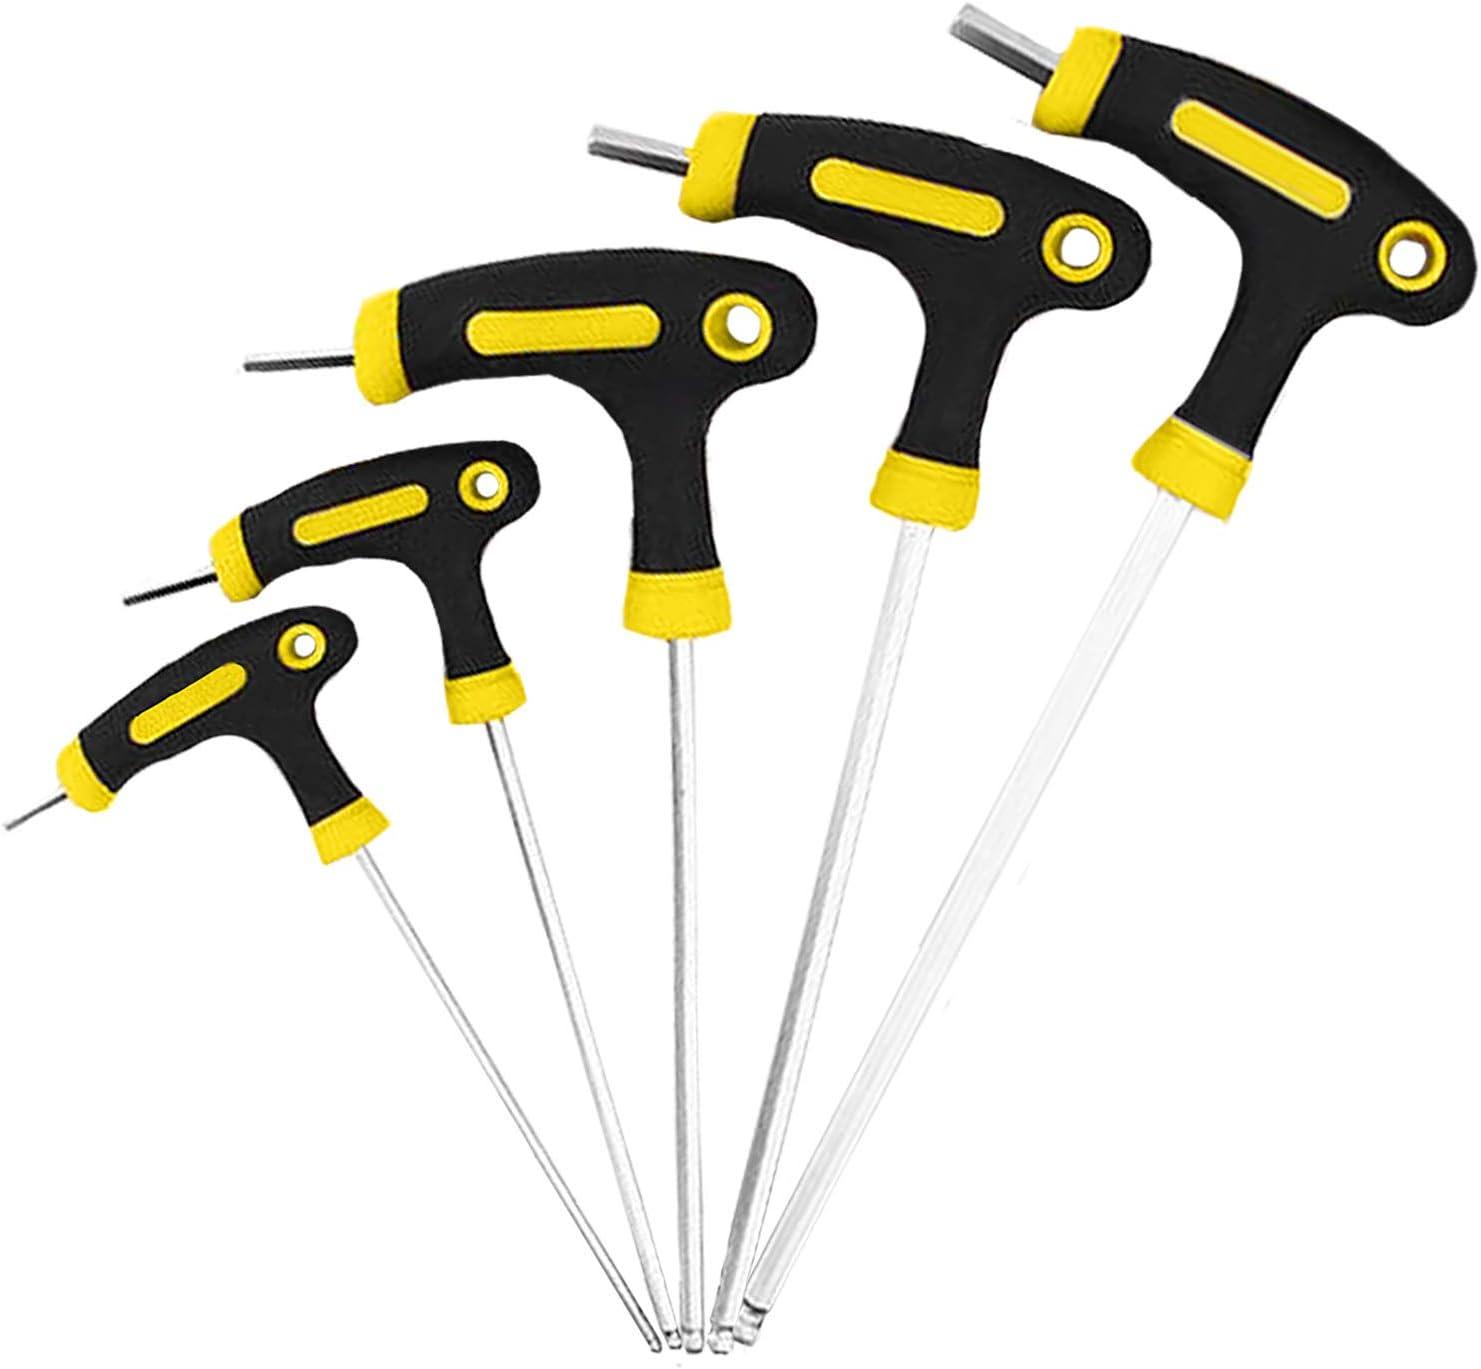 Bicycle Bike Repair Tools Motorcycle Allen Key Multi Hex Wrench Screwdriver 6T